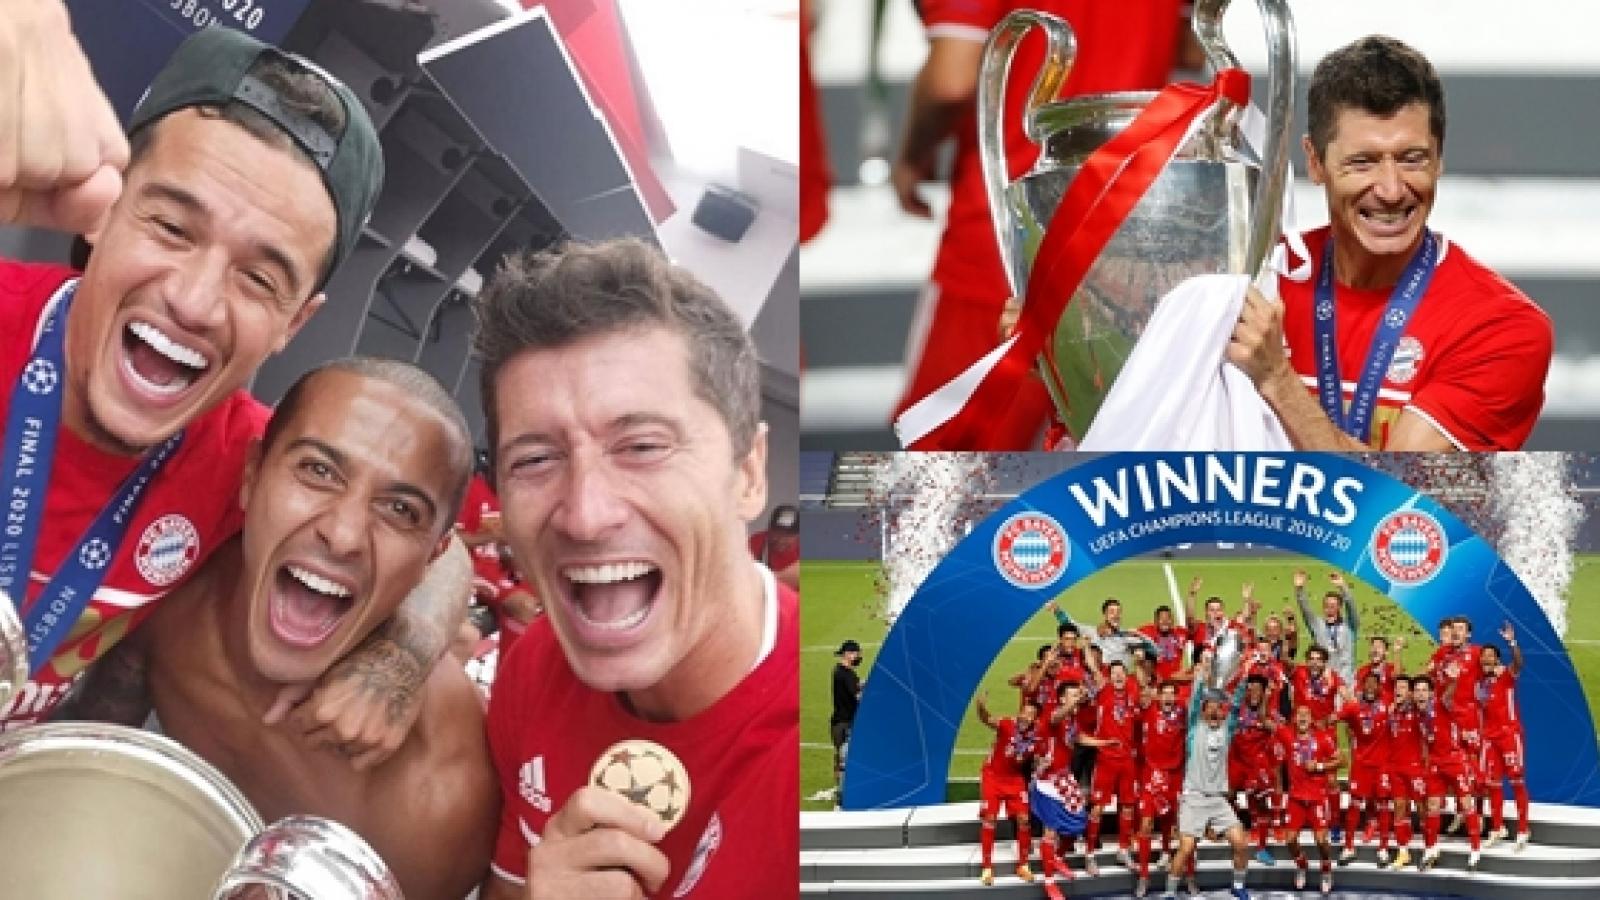 Cận cảnh: Dàn sao Bayern Munich ăn mừng chức vô địch Champions League